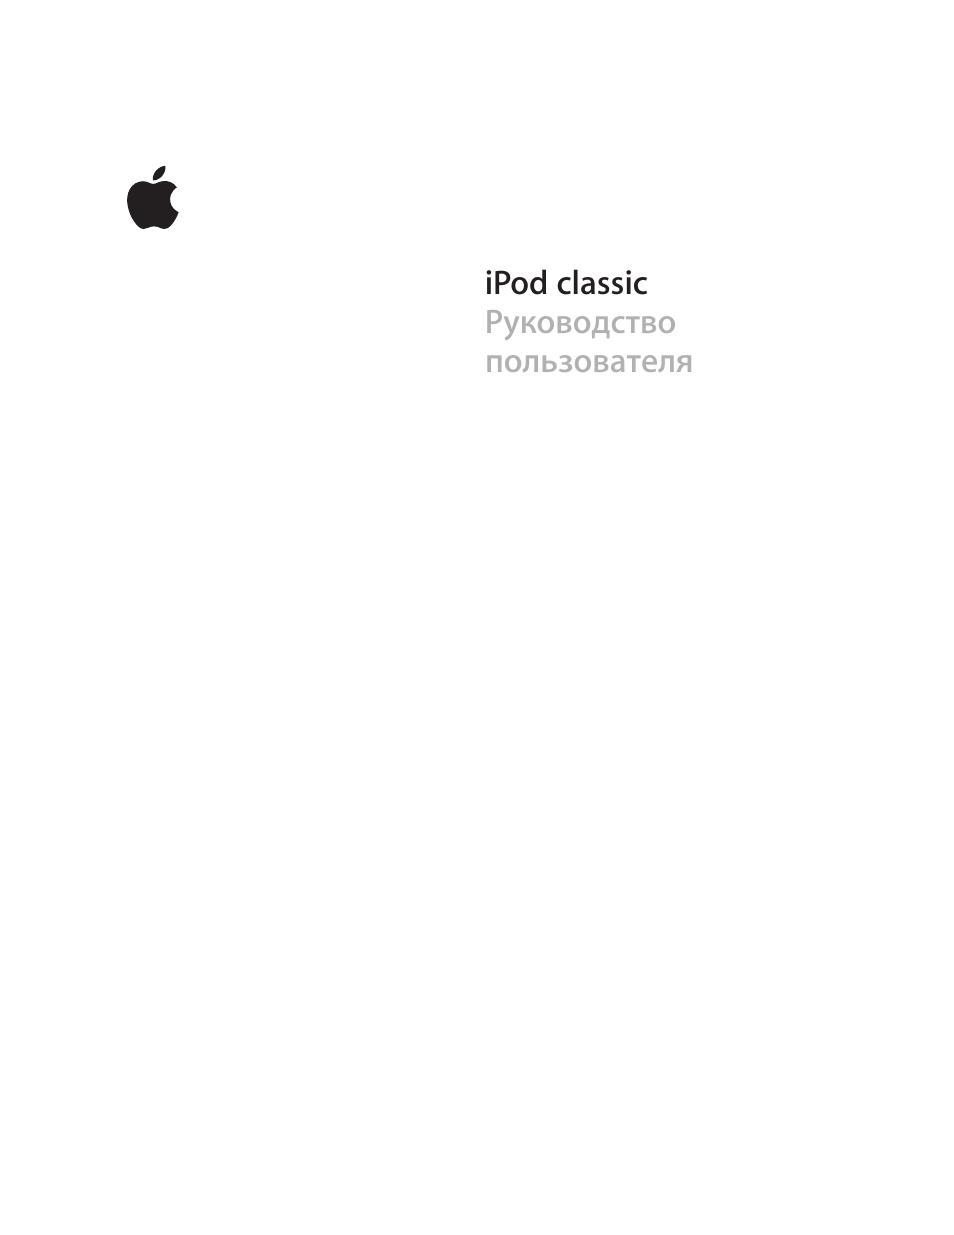 Инструкция по использованию ipod